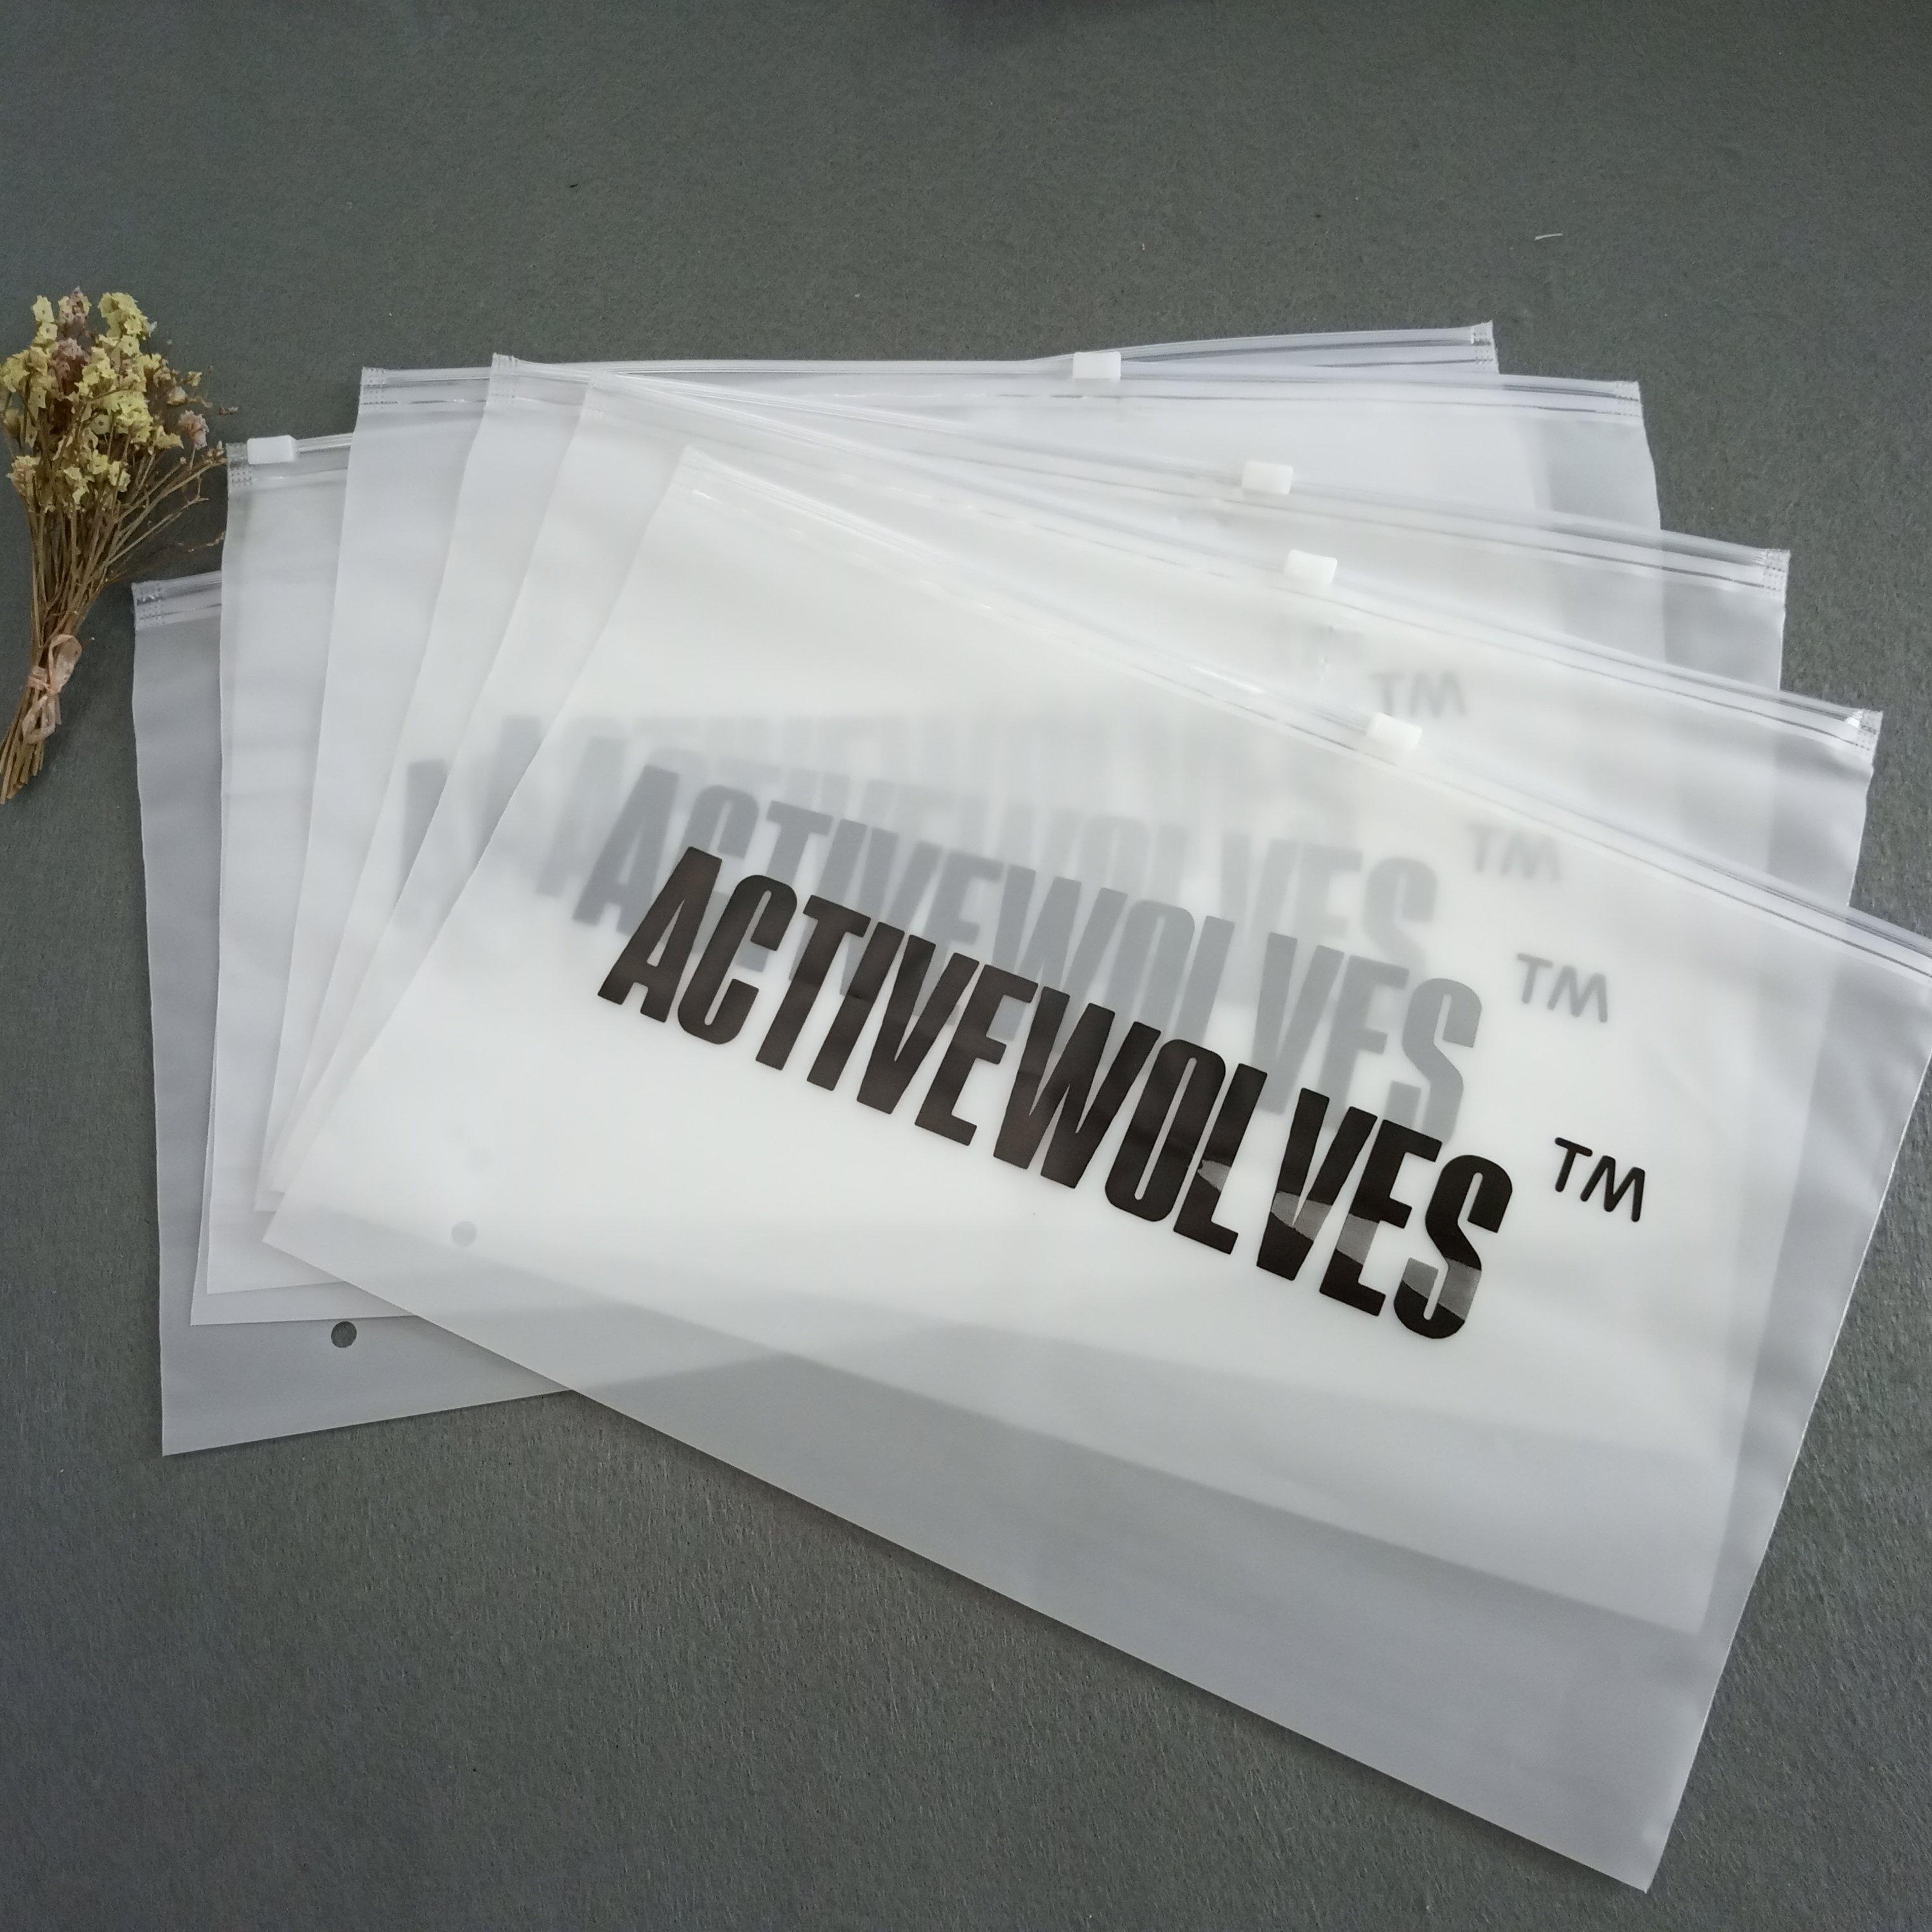 Индивидуальный дизайн, биоразлагаемый пластиковый пакет на молнии для упаковки нижнего белья, пакет на молнии, размер: 30*20 см